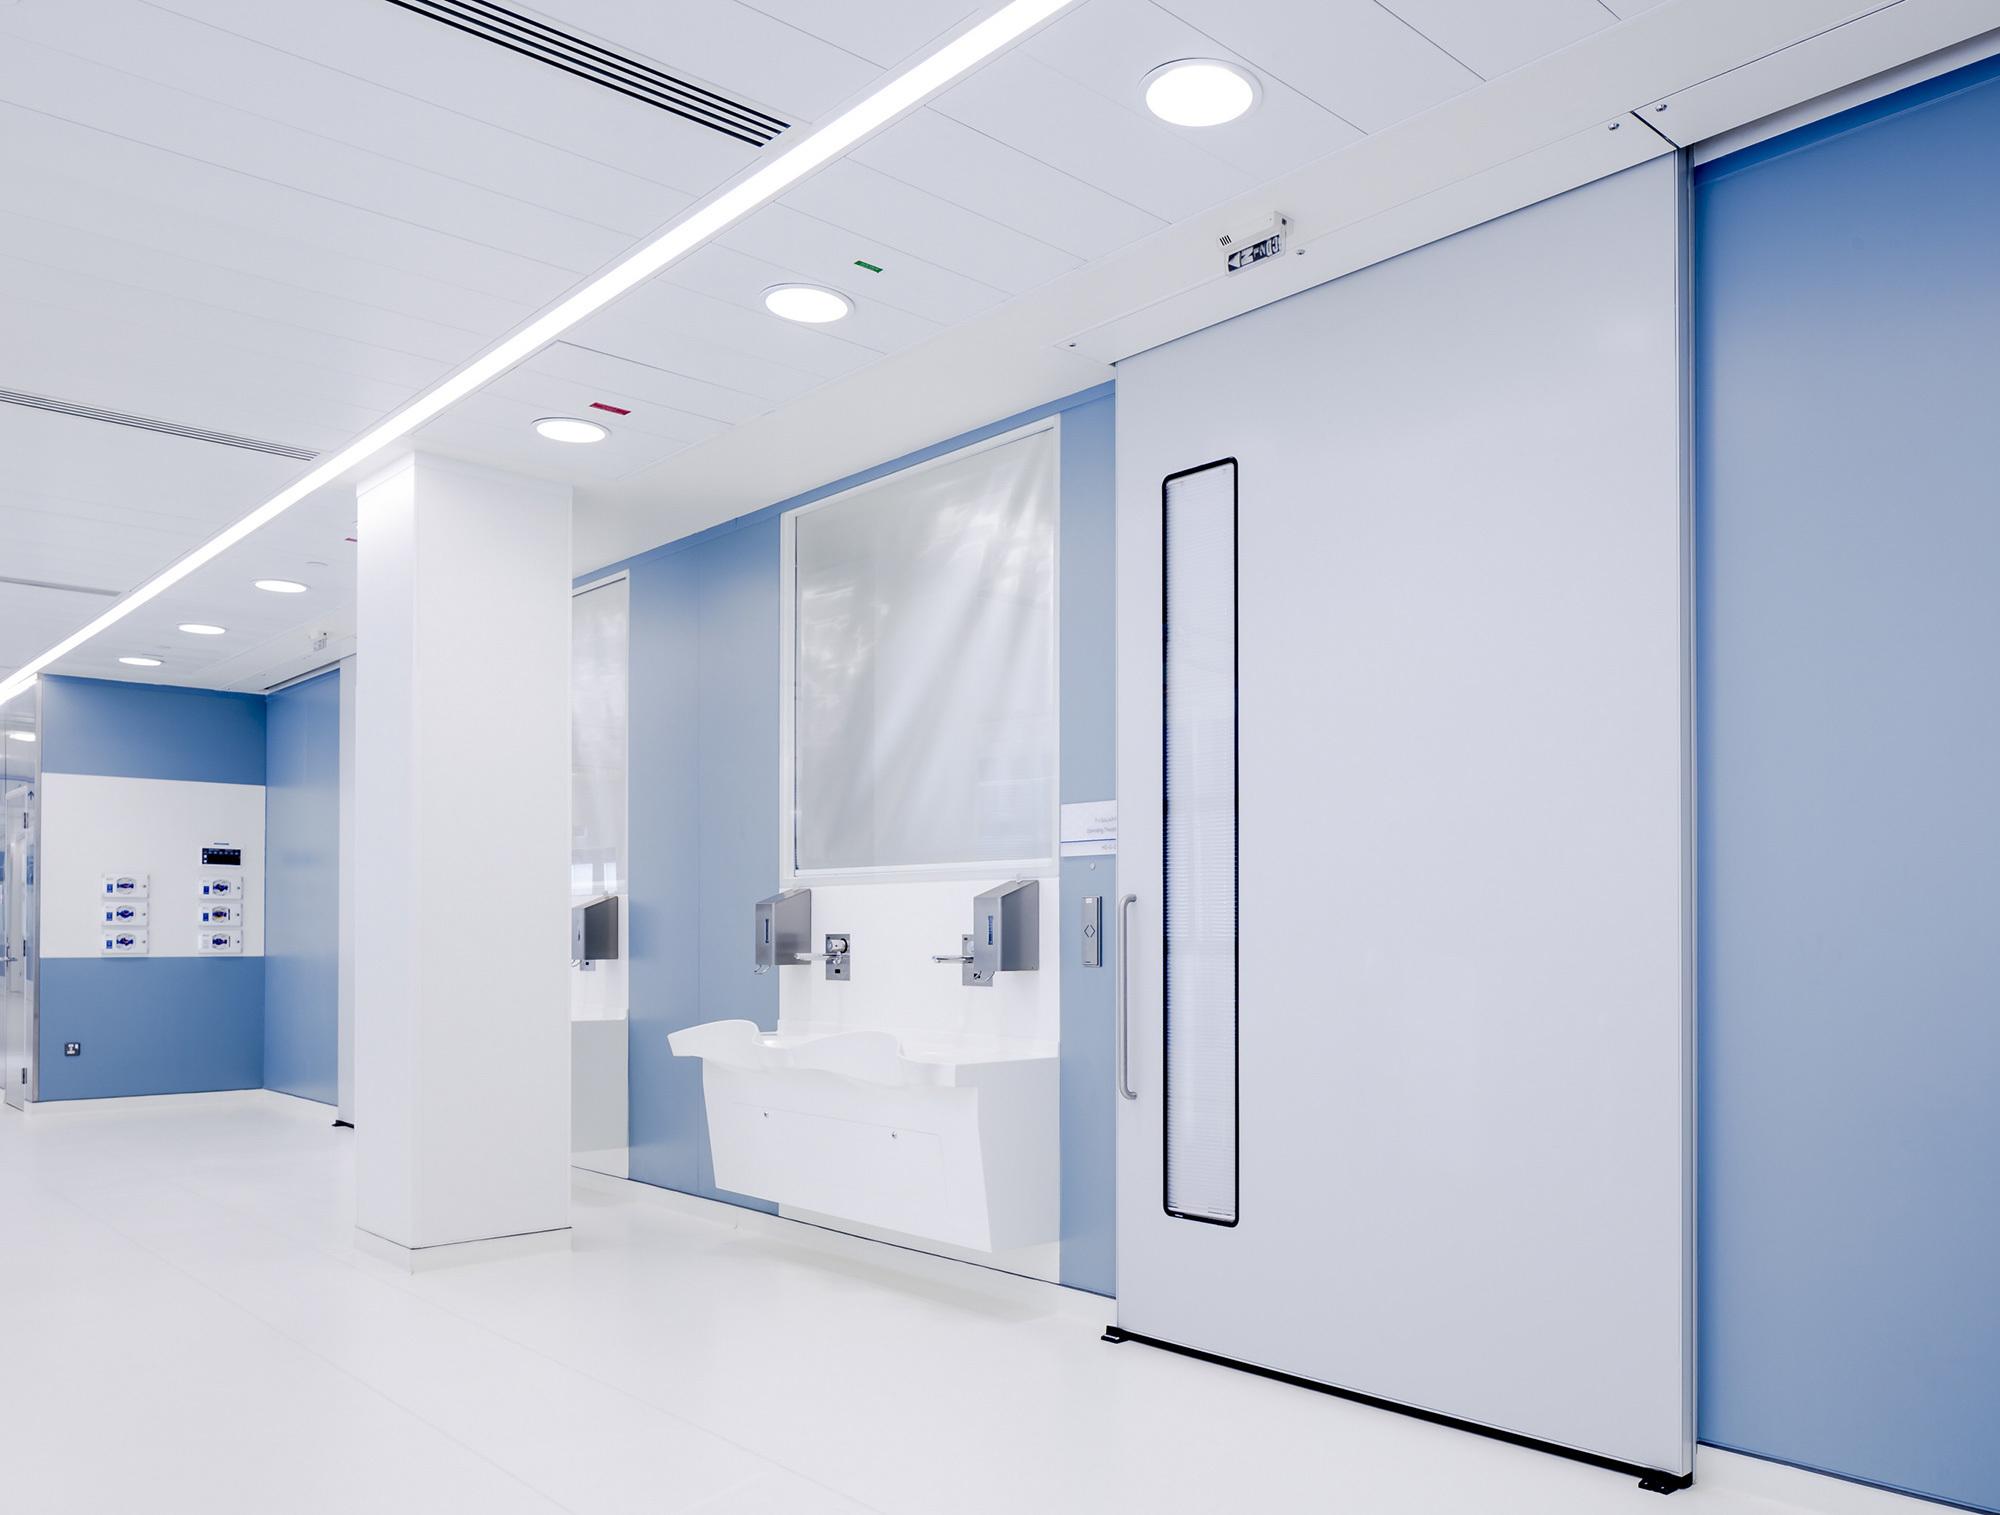 杭州無菌實驗室改造裝修報價,杭州無菌實驗室裝潢設計公司,杭州無菌實驗室裝修效果圖,杭州裝修公司